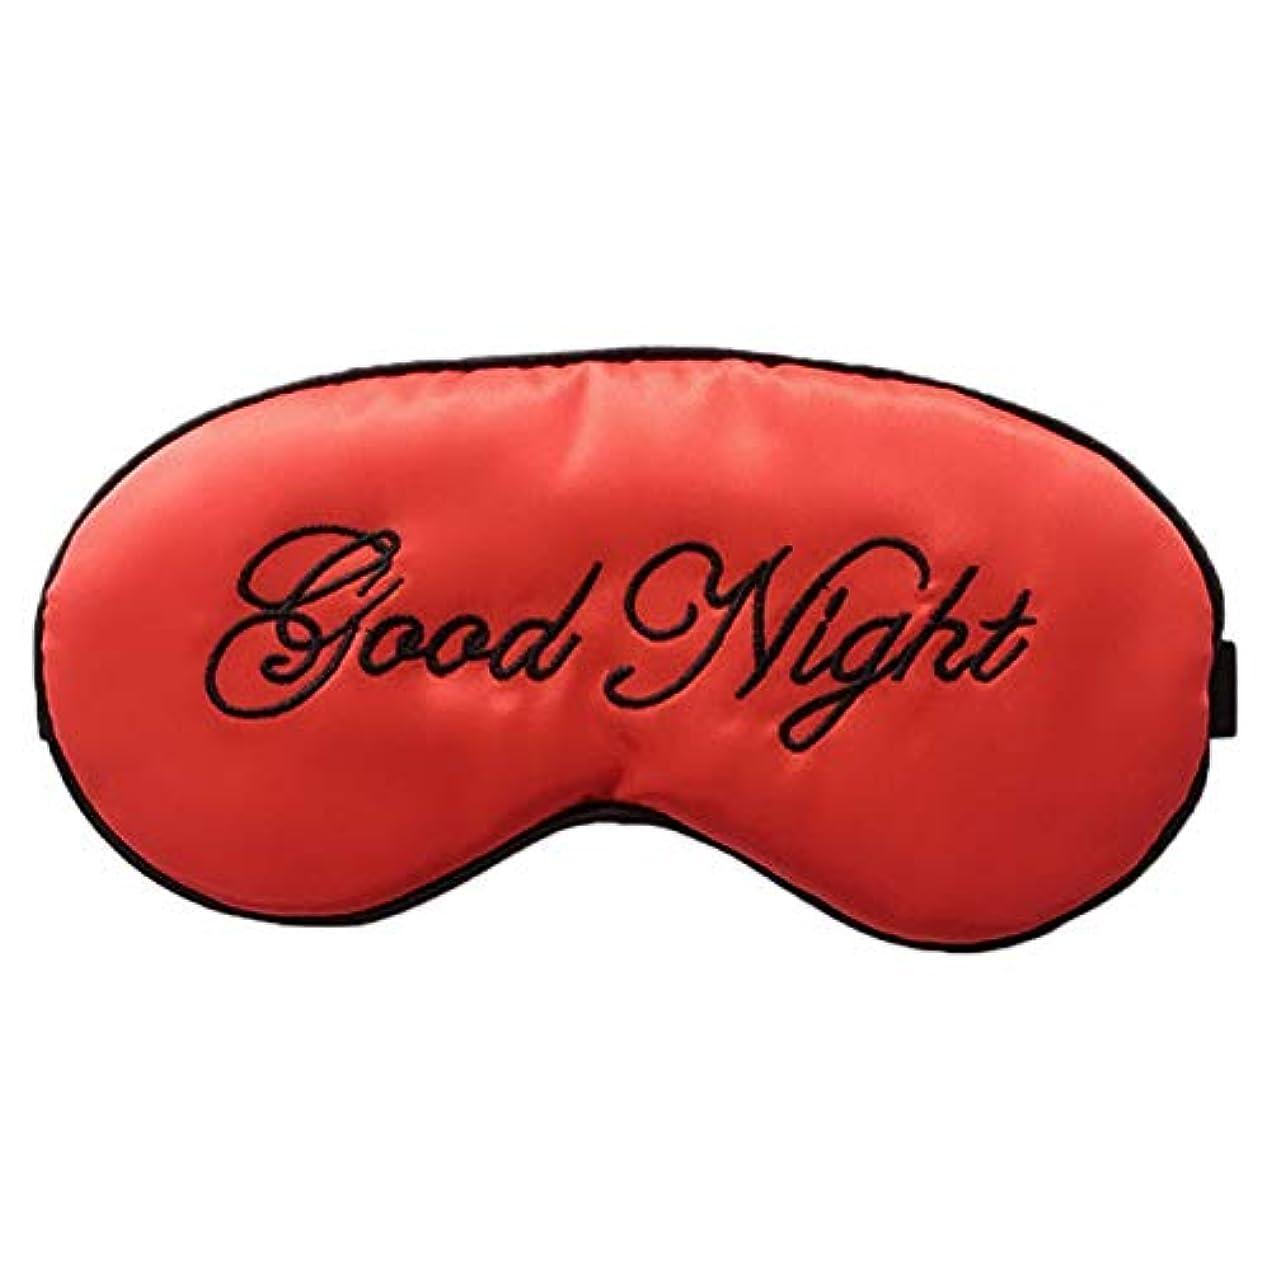 もう一度エゴマニア貸すNOTE 女性の手紙刺繍アイマスク模造フェイクシルクパッド入り睡眠シェードカバー旅行ポータブルパーソナルヘルスケア睡眠